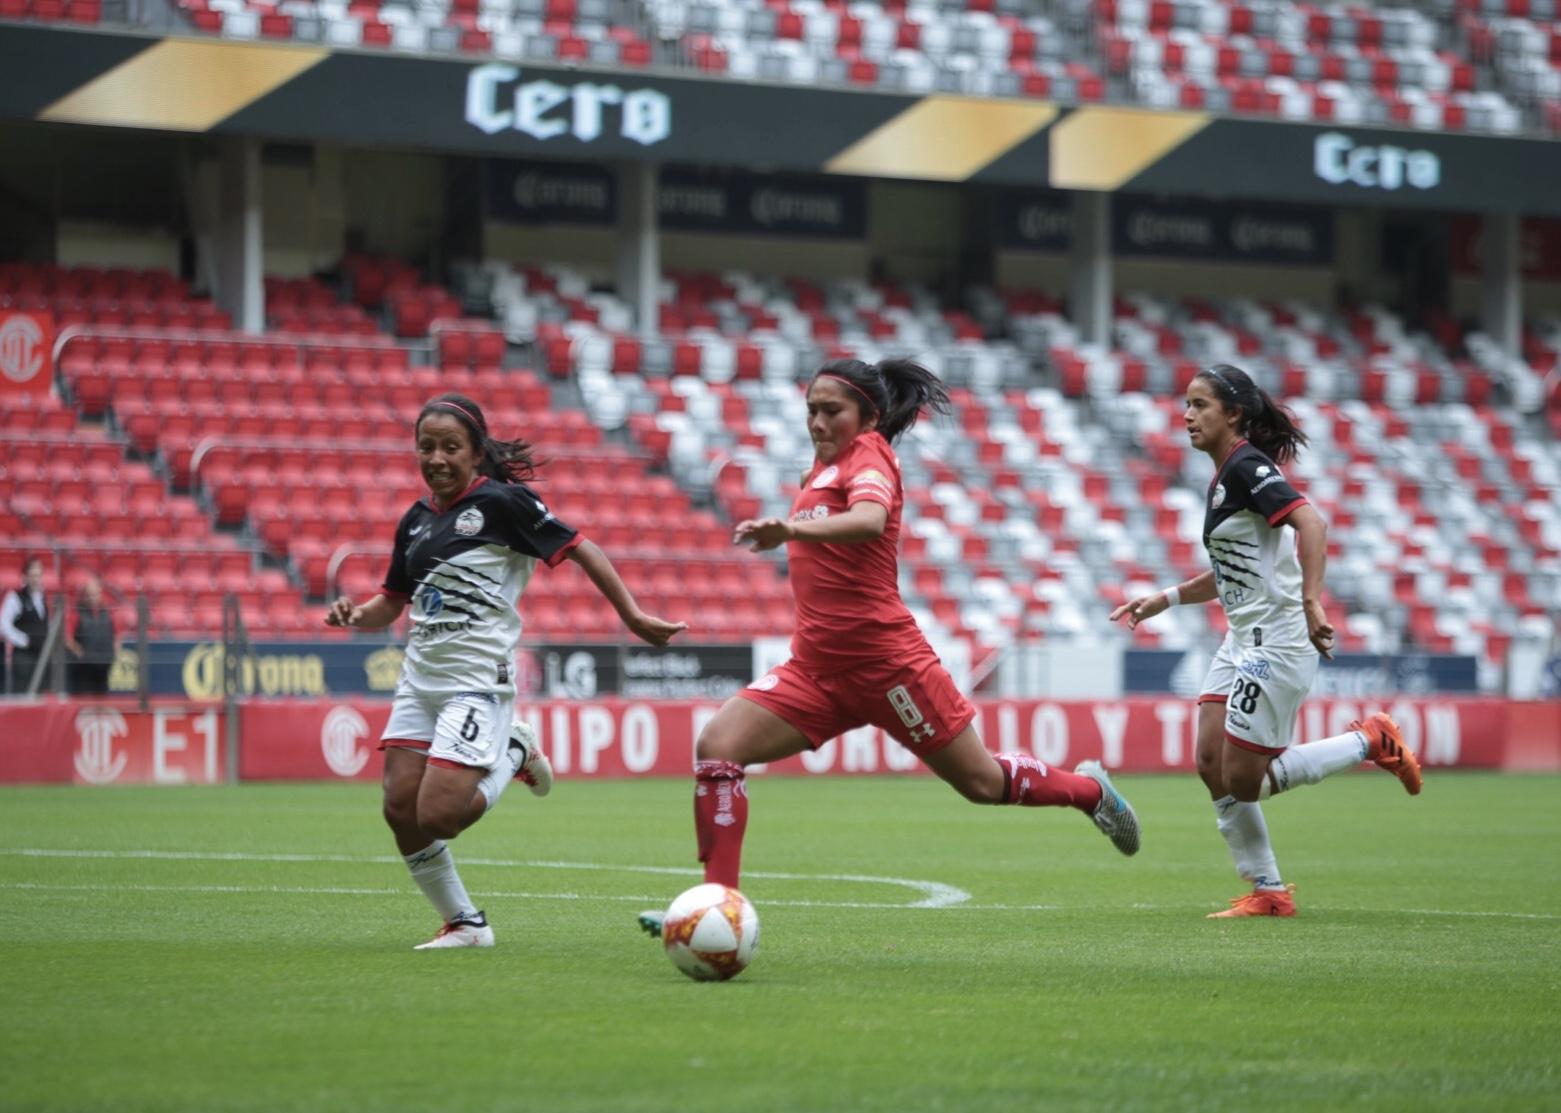 Toluca Estado de México, 16 de julio 2018, Las Diablas Rojas del Toluca se enfrentaron al Club Lobos BUAP en el partido correspondiente a la jornada 1 de la Liga MX Femenil Apertura 2018, logrando la victoria el equipo escarlata con un marcador 4-0 (Foto: Cuartoscuro)